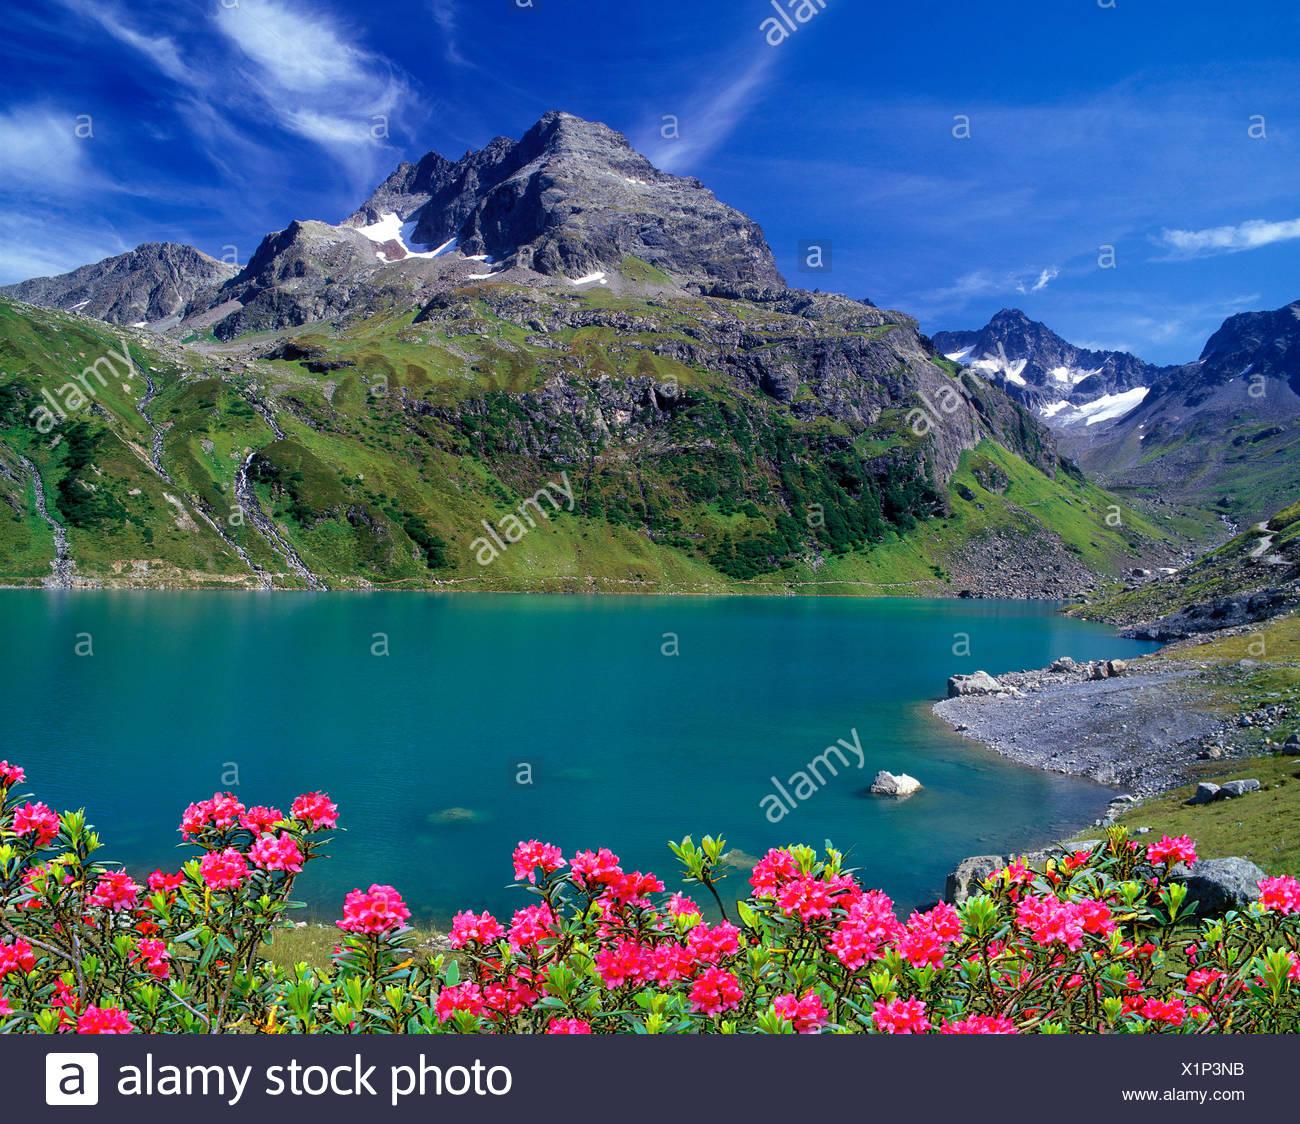 Austria, Europa Tyrol, St. Anton am Arlberg, lago di cartello, Küchelspitze, Faselfadspitzen, lago di montagna, il potere di acqua, acqua, lak Immagini Stock